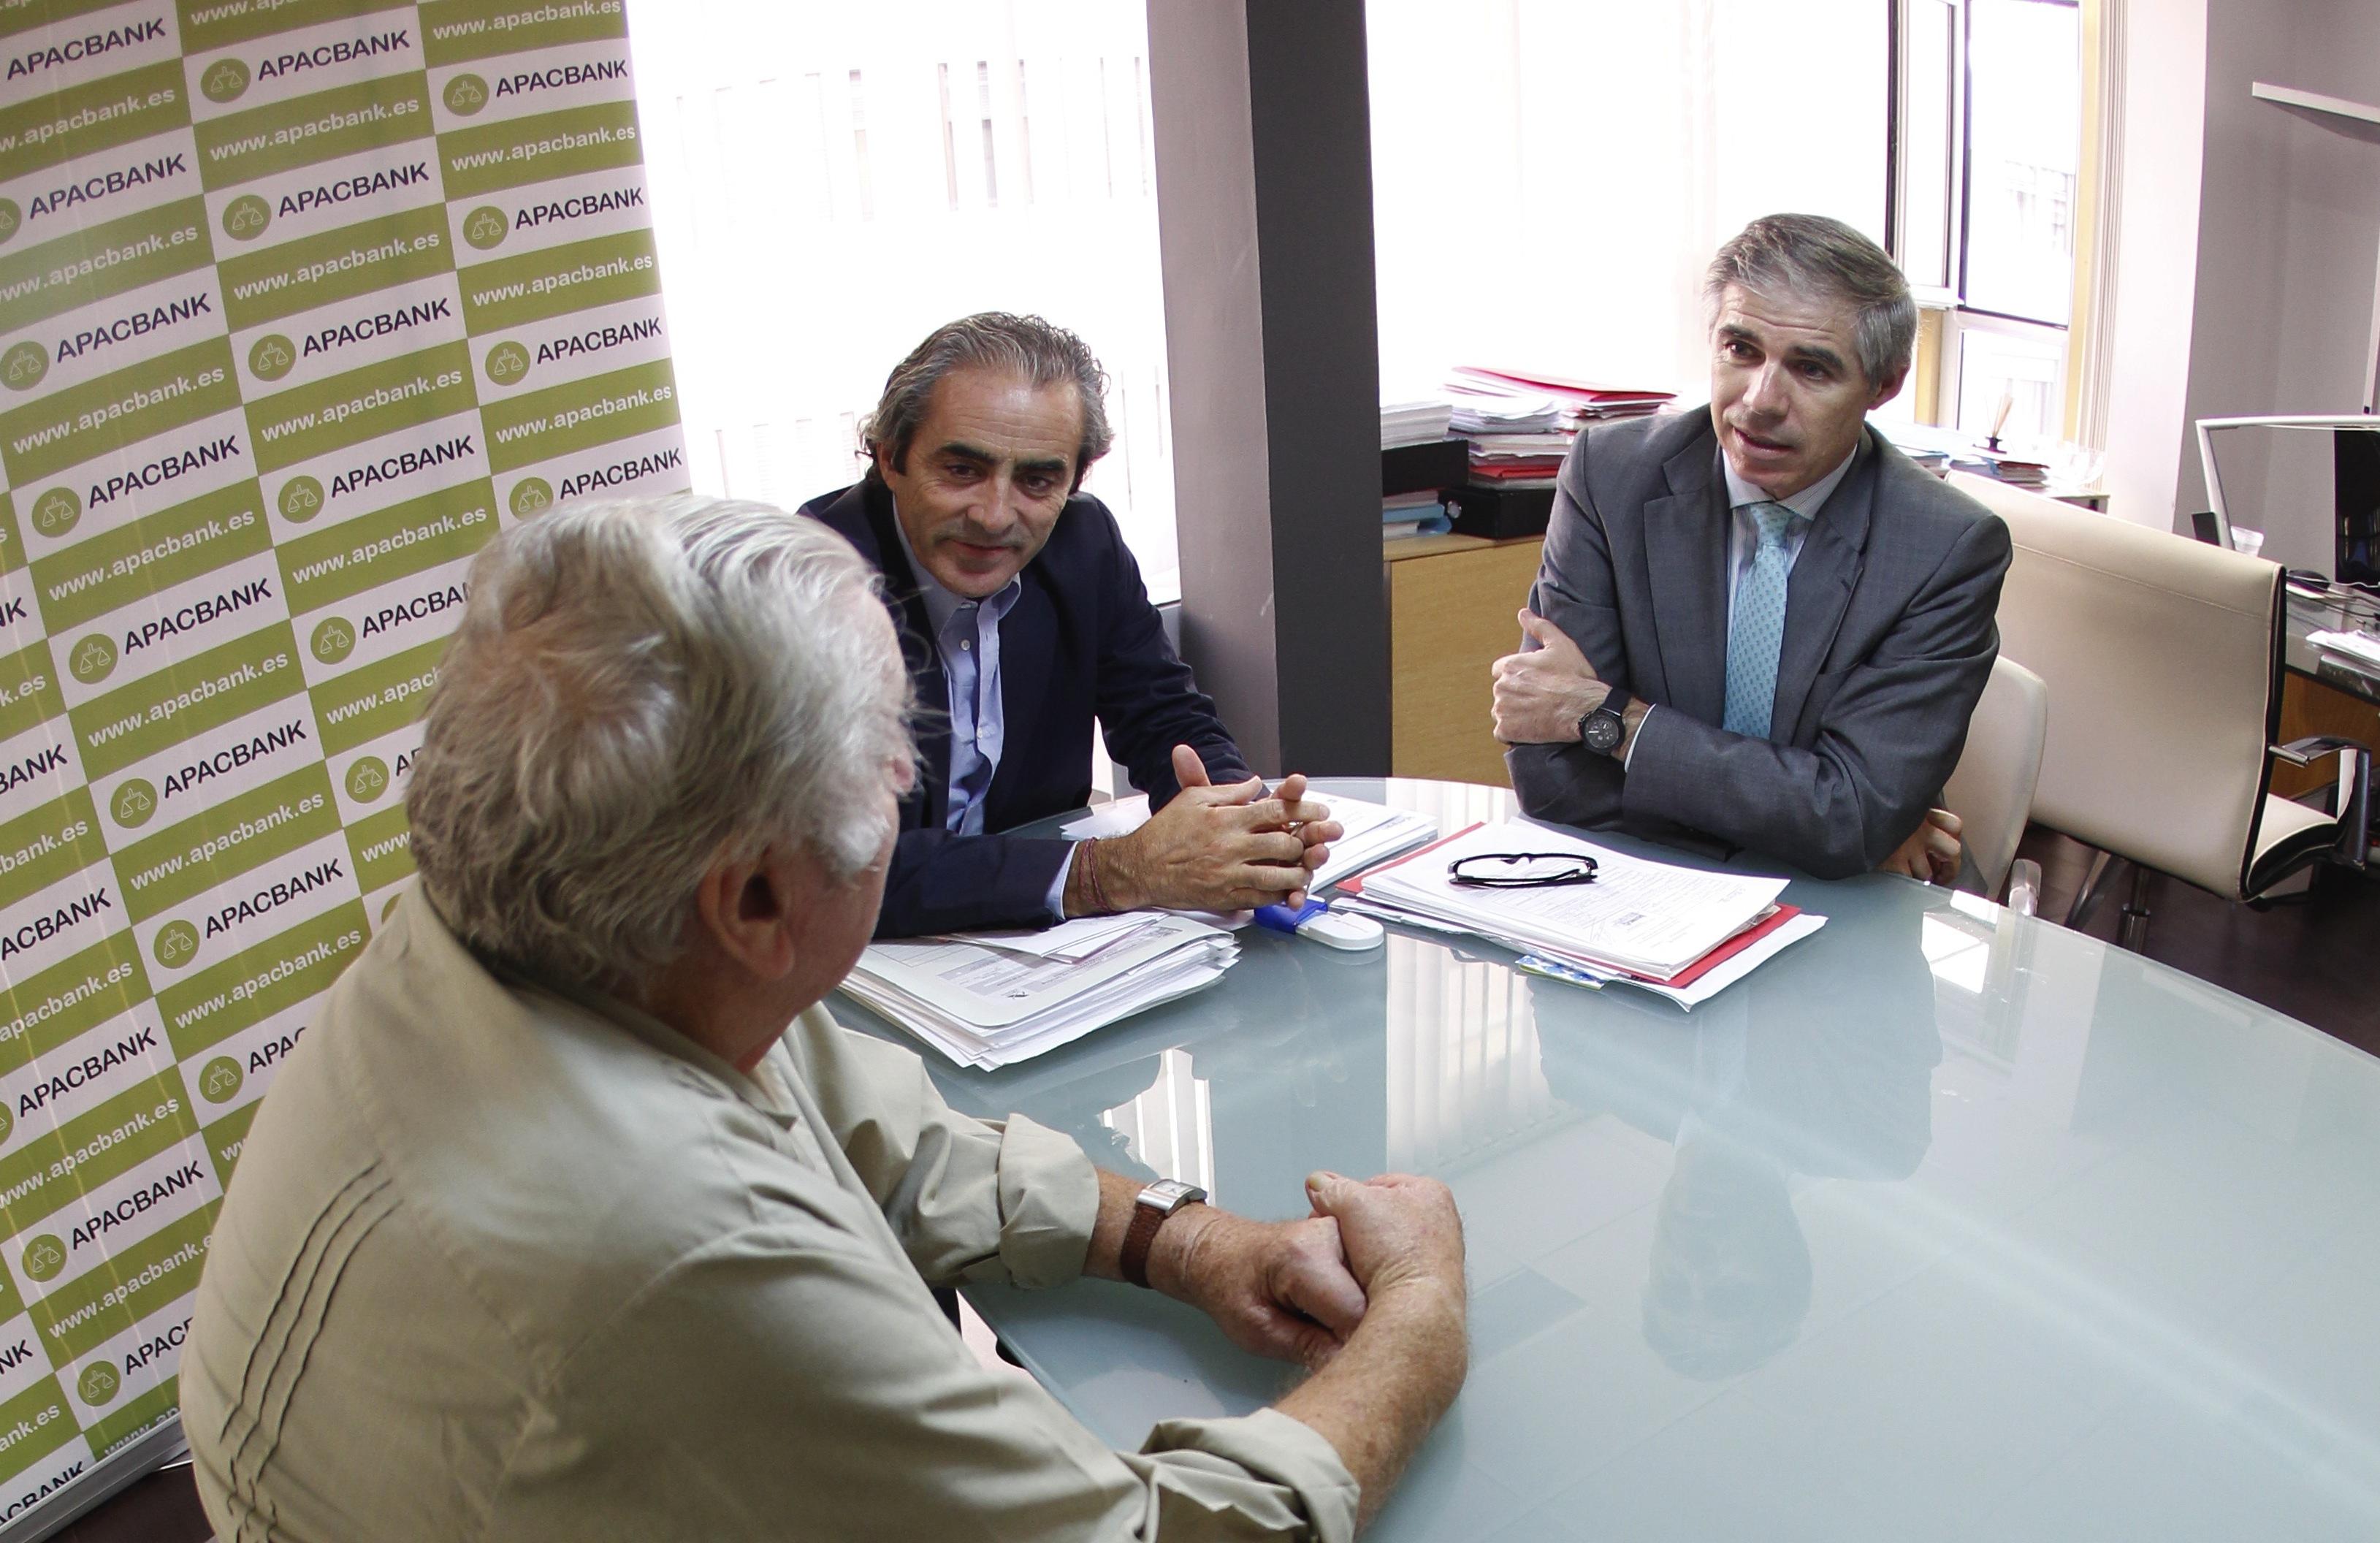 Apabanc gana demanda contra catalunyacaixa por preferentes for Reclamar importe clausula suelo